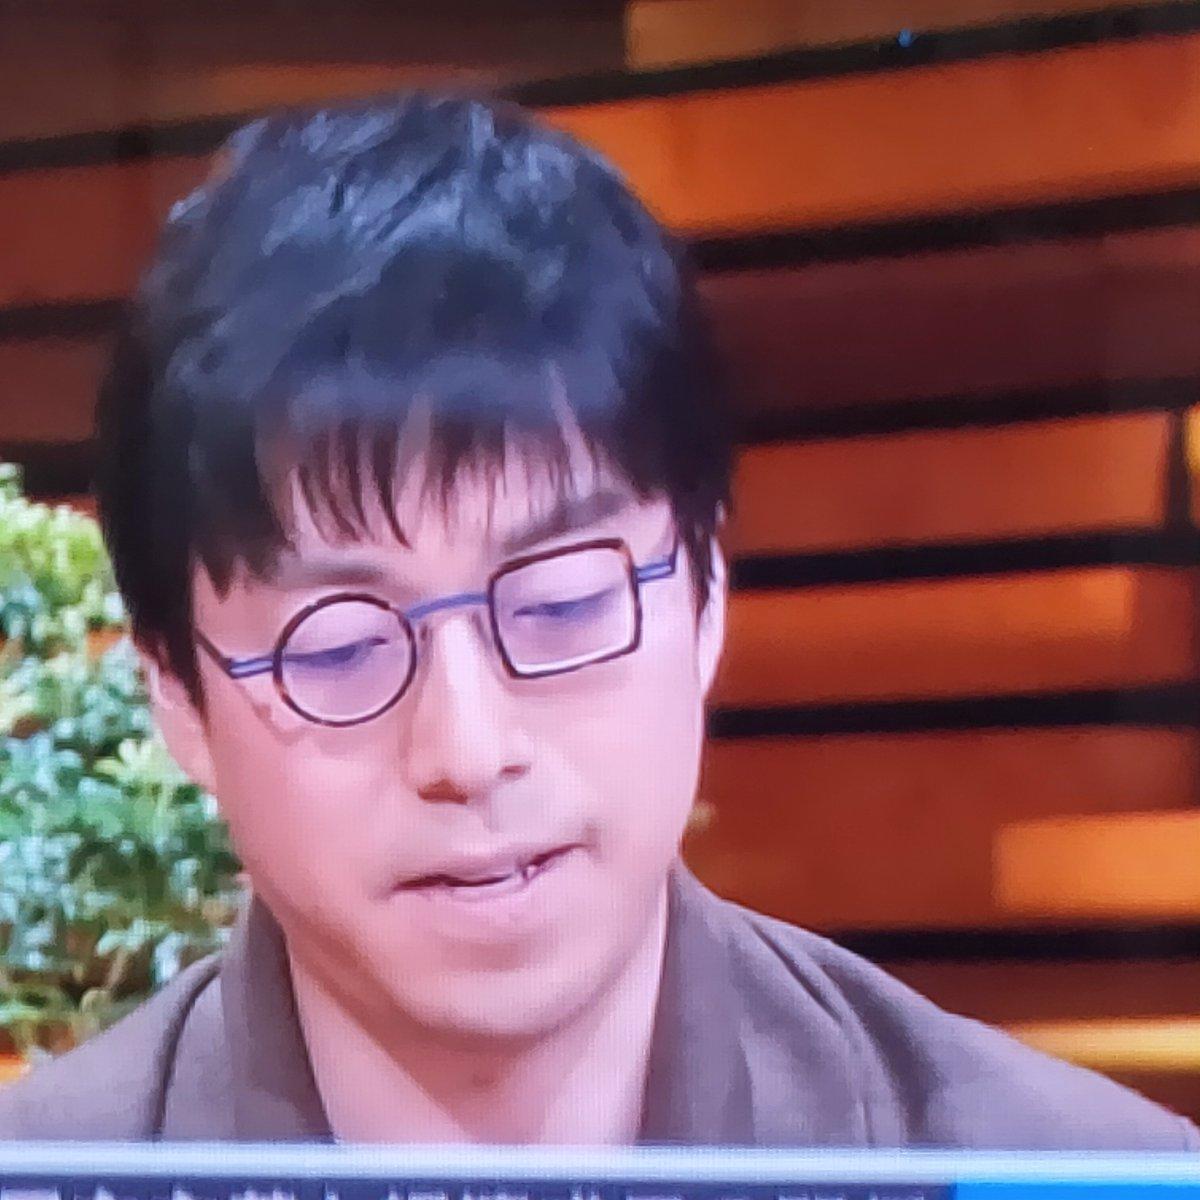 報ステコメンテーターの話の内容が頭に入ってこない?だって眼鏡が気になるんだもん。